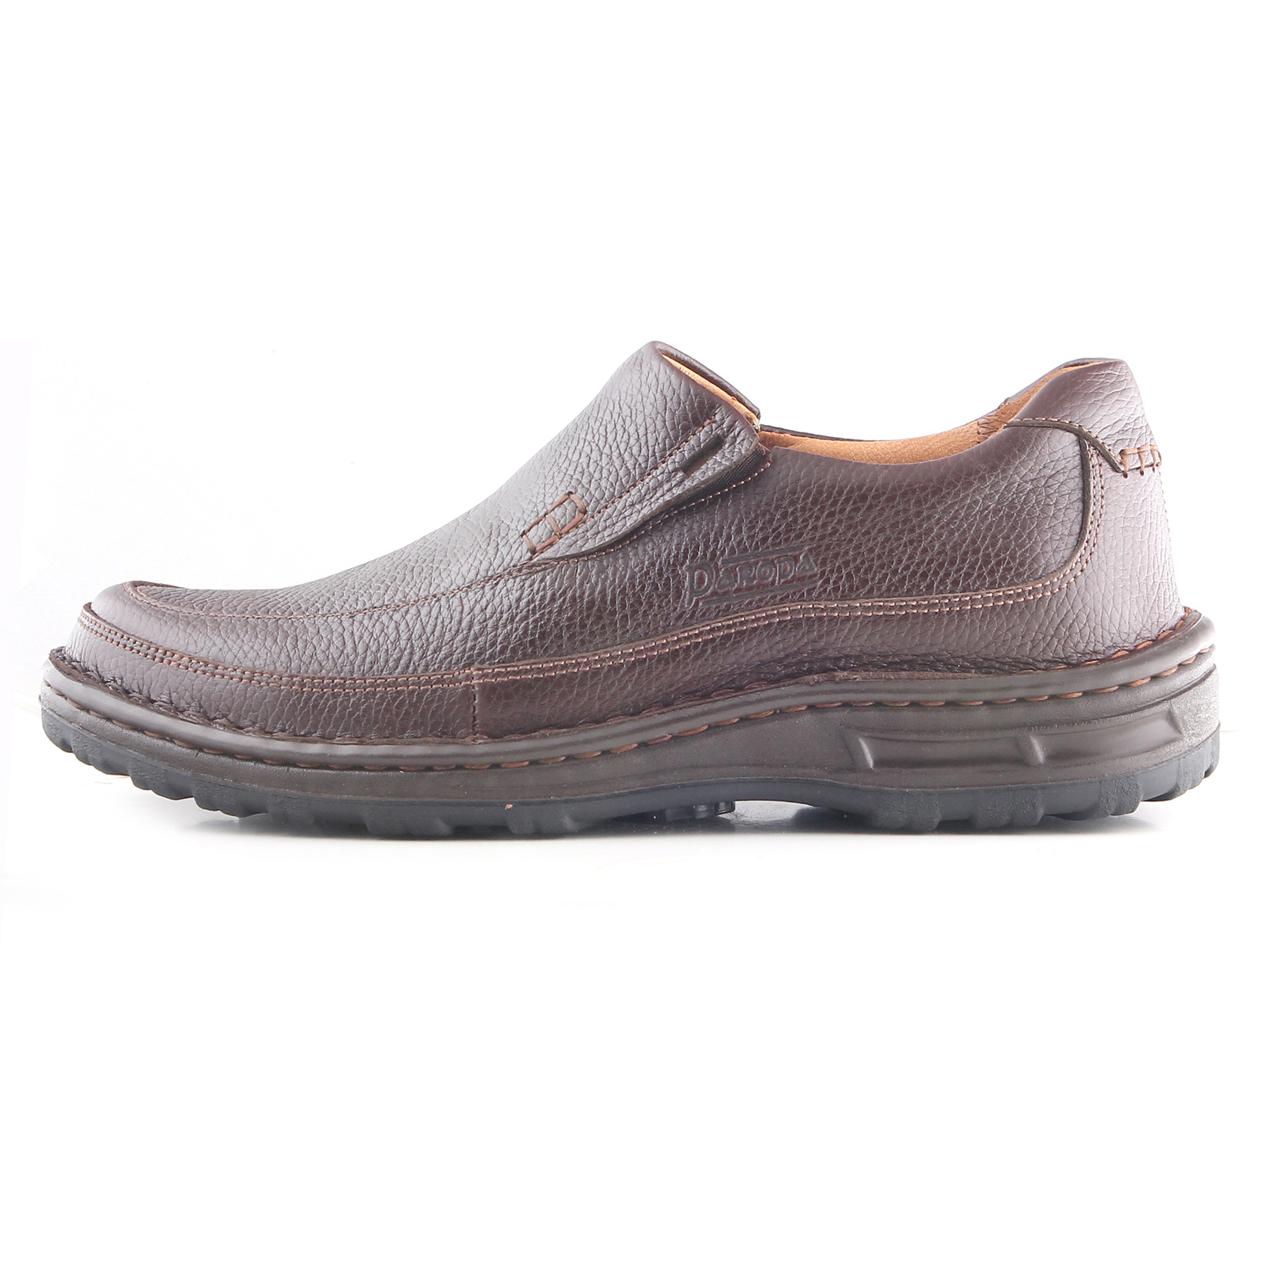 کفش مردانه پاروپا مدل لالیک کد 80512521252